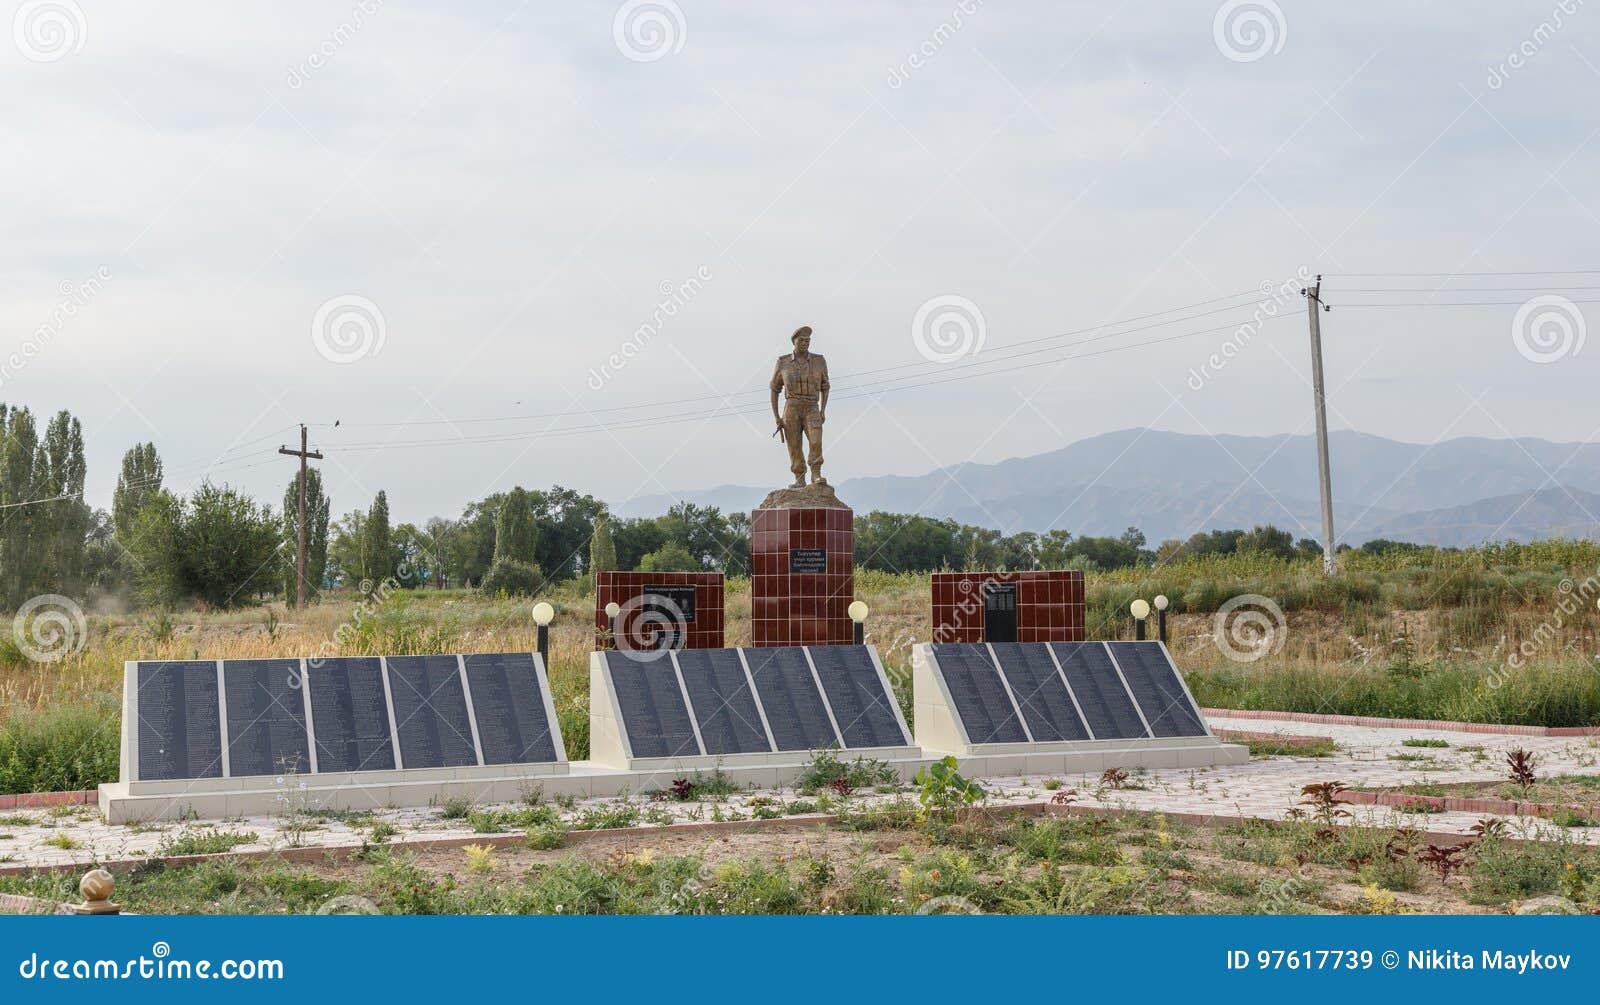 Talas del valle, Kirguistán - 15 de agosto de 2016: Monumento s caido